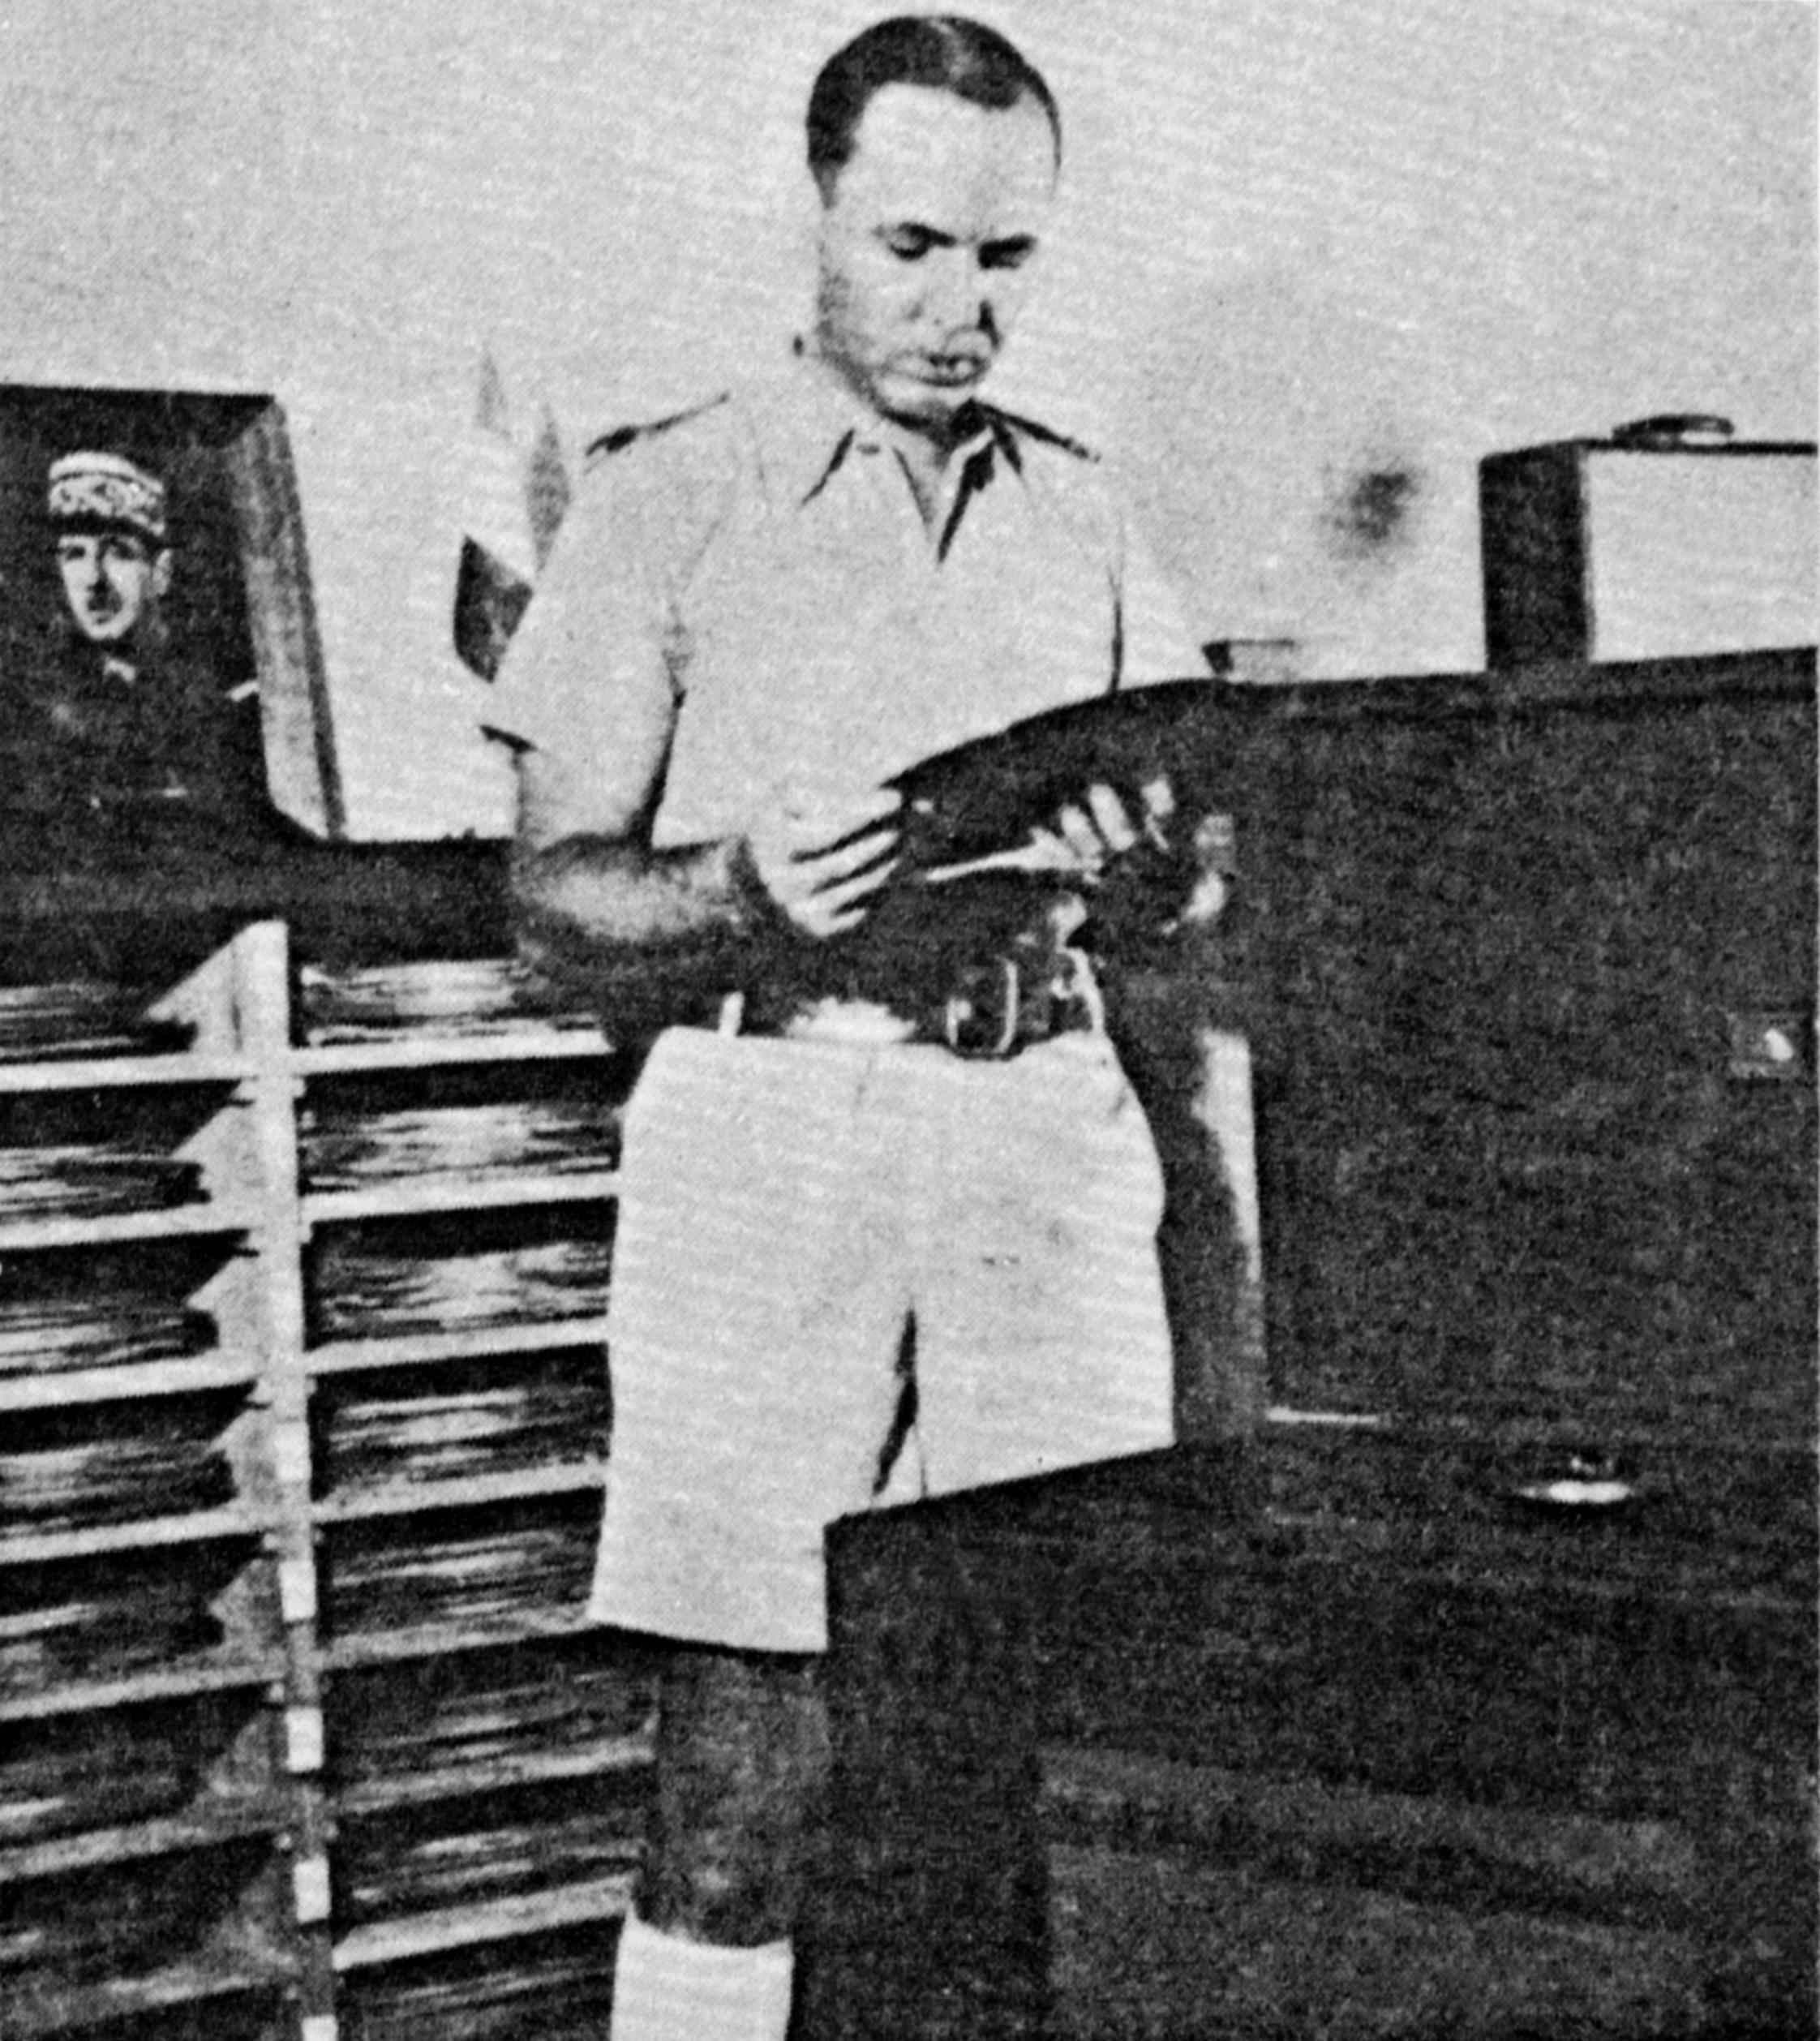 Décembre 1940